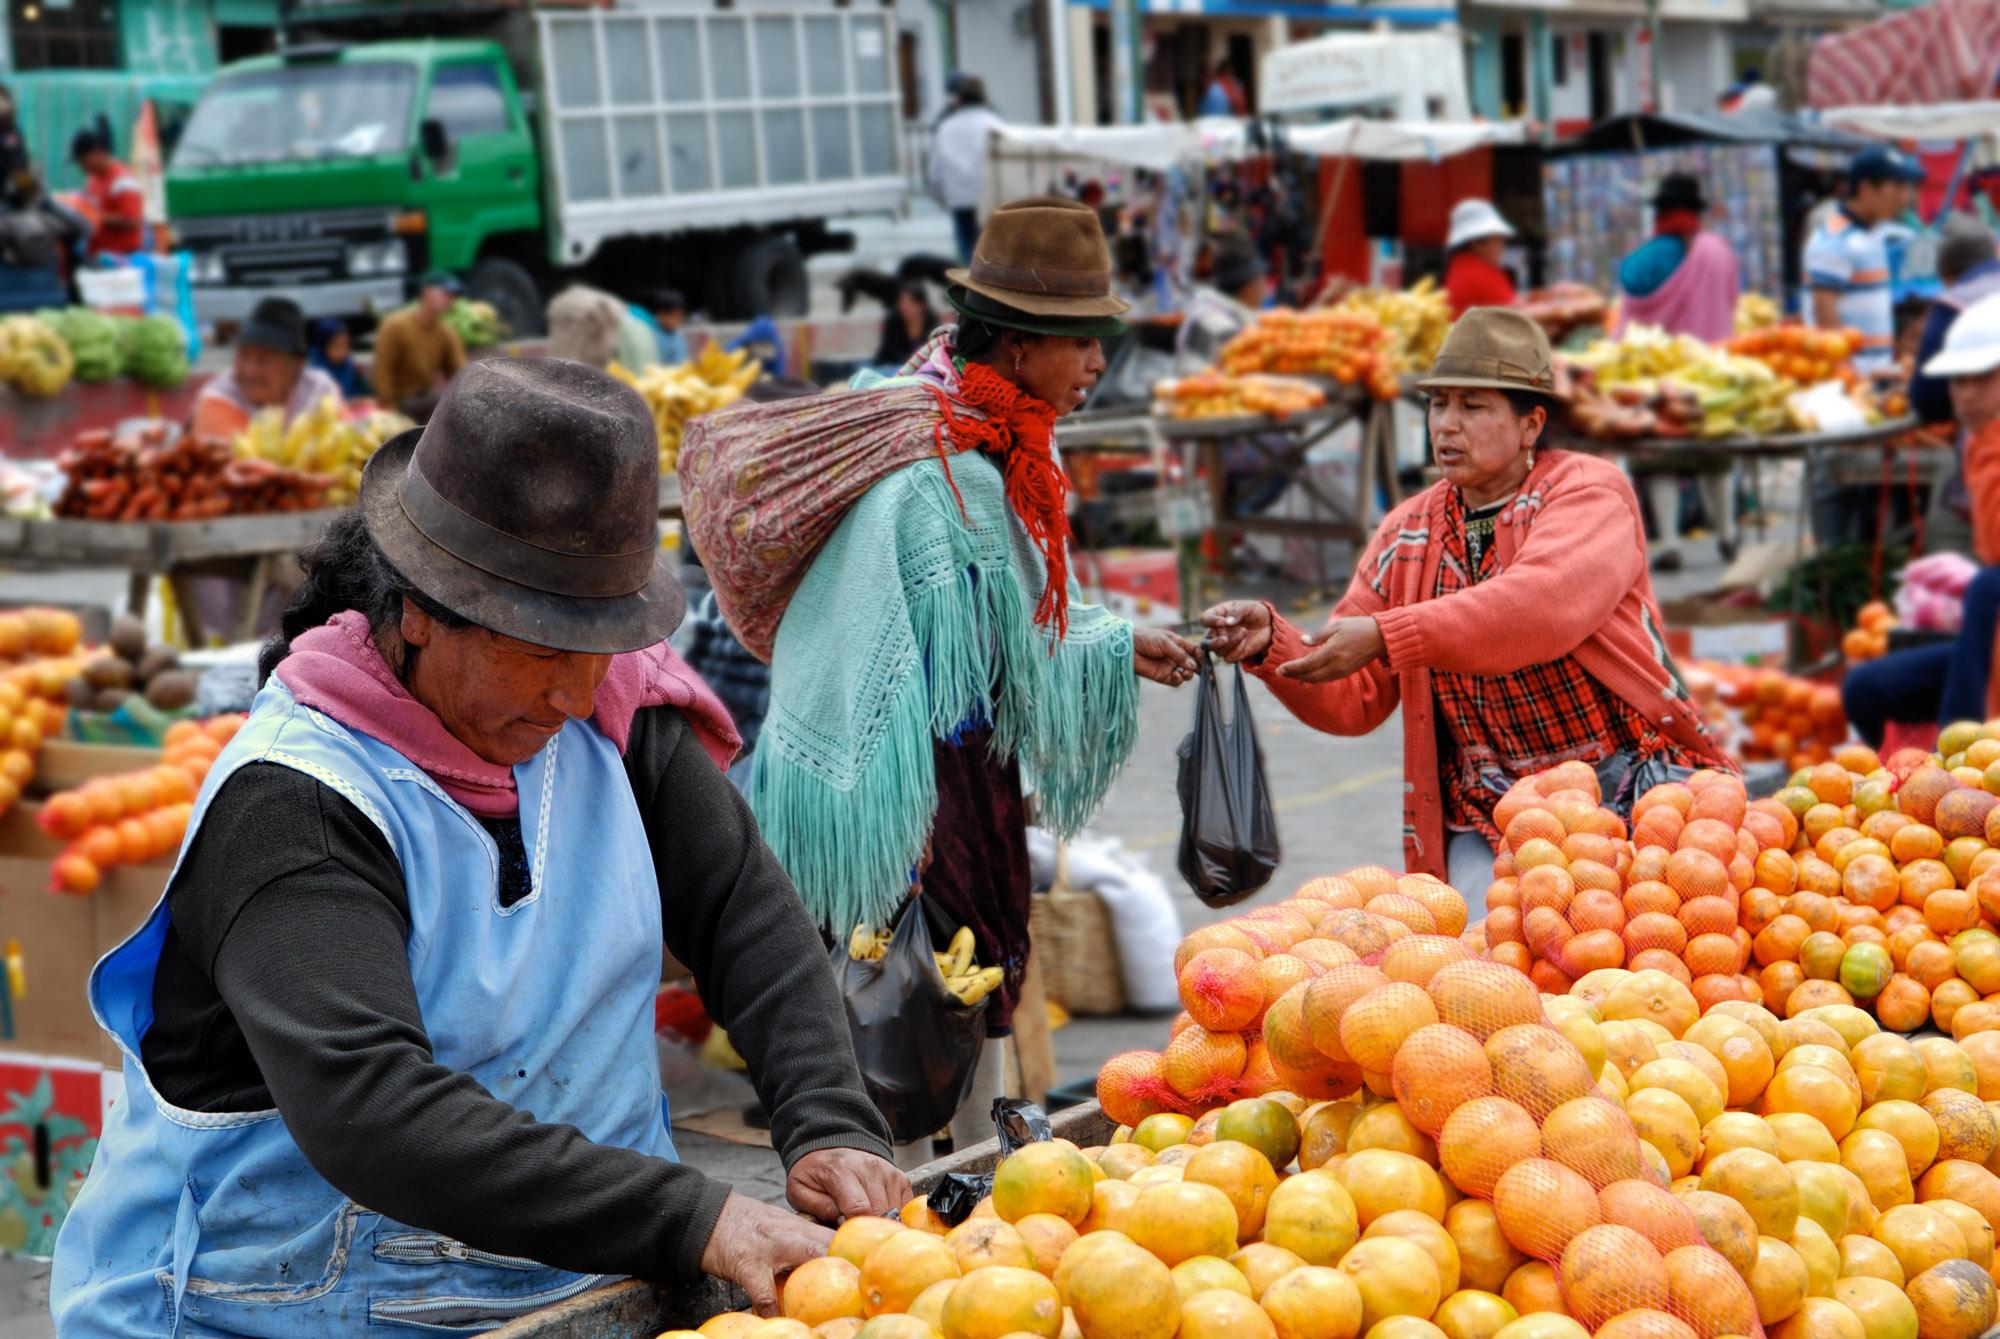 Ecotourisme-voyages-alternatifs-Equateur-En-liberte-1.jpg